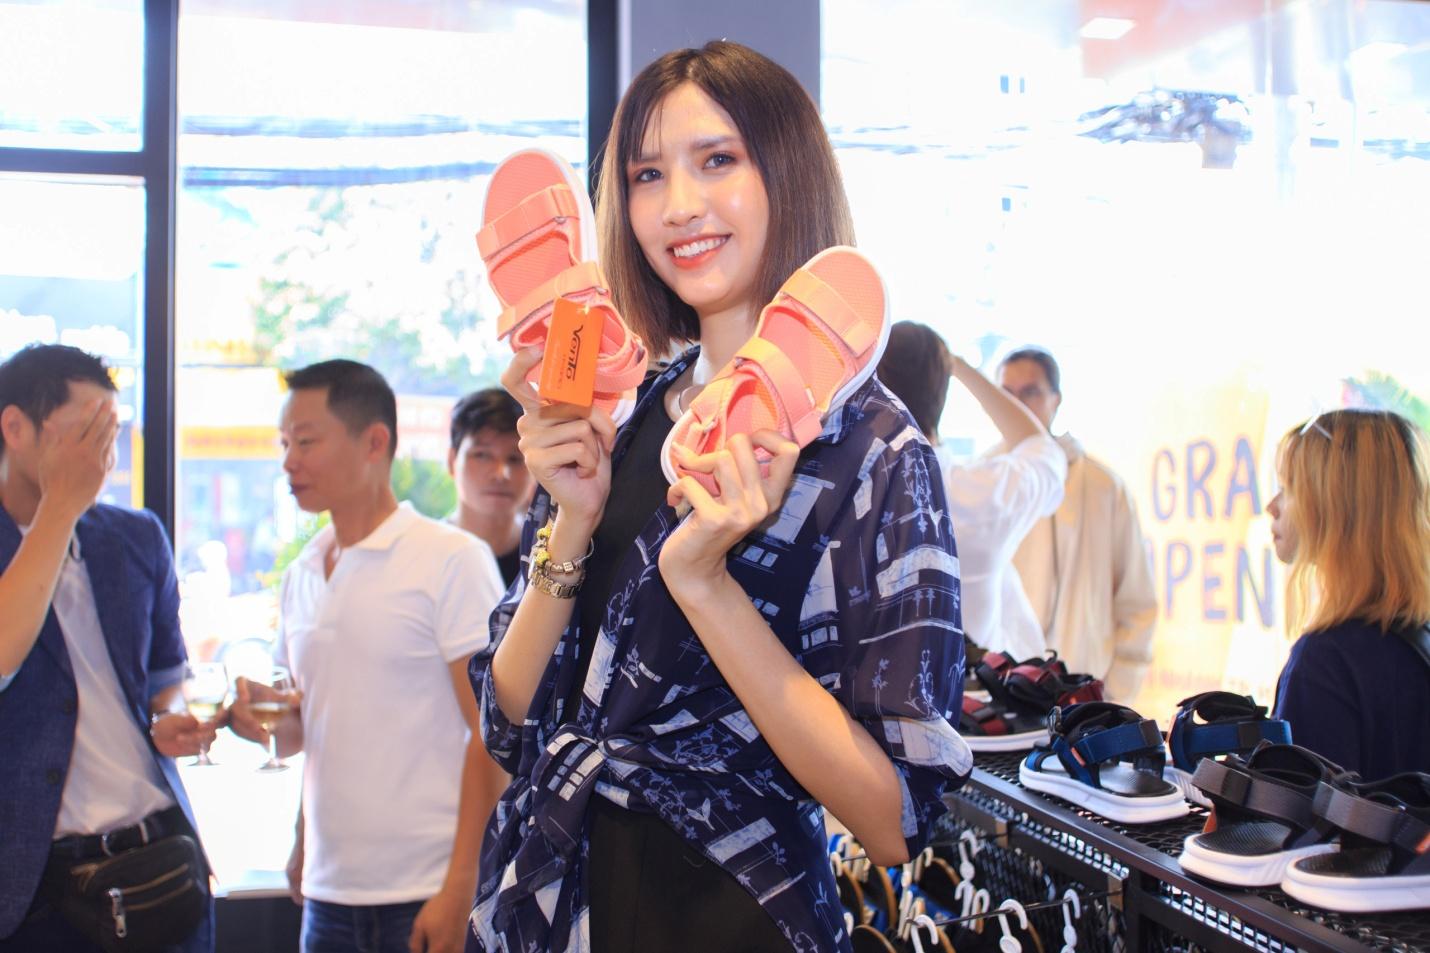 Không có người nổi tiếng làm đại diện, thương hiệu giày dép VENTO vẫn được giới trẻ săn lùng - Ảnh 3.